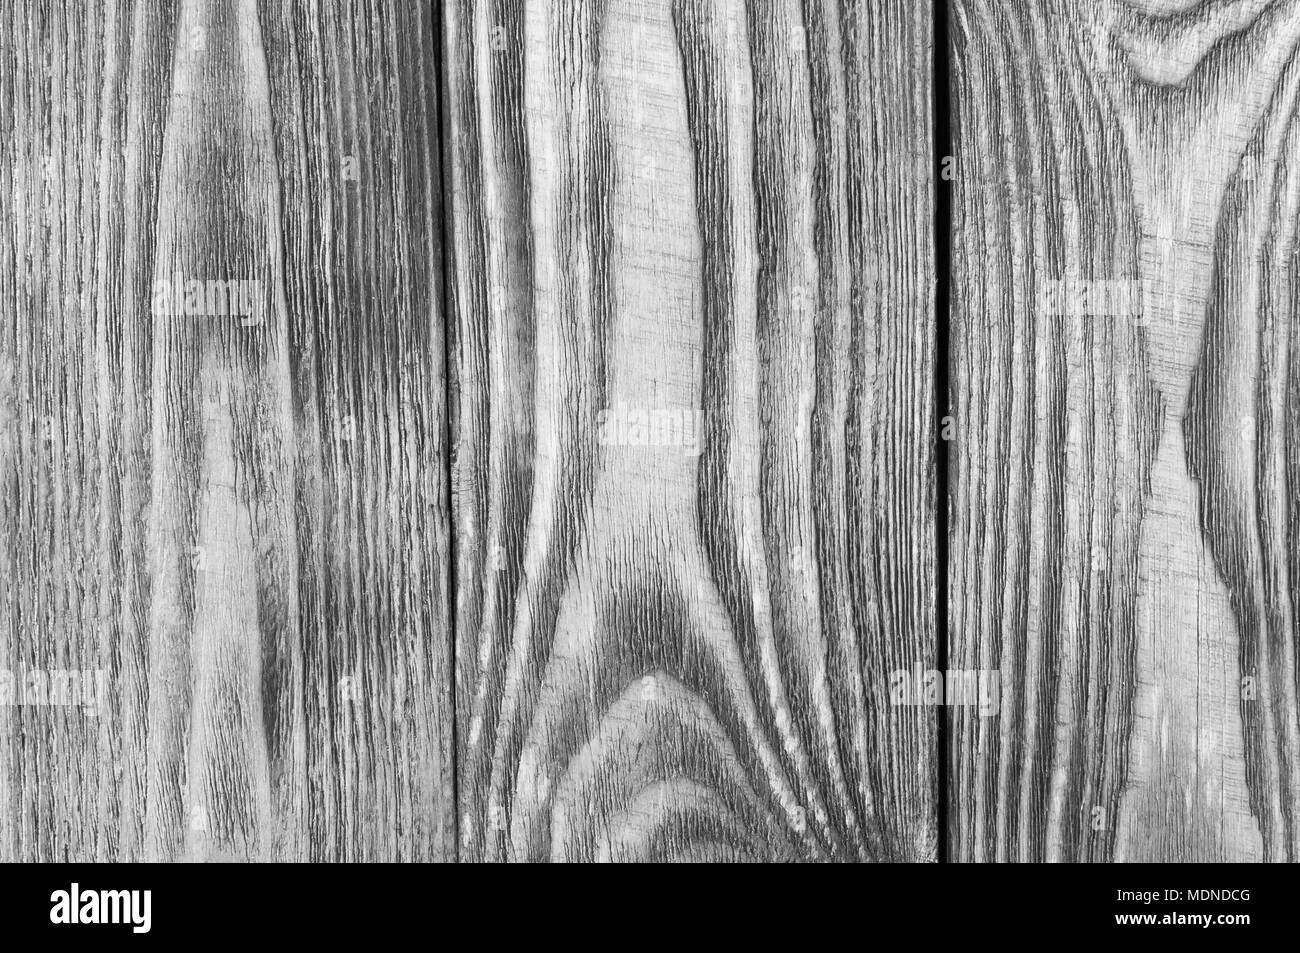 Legno Bianco E Nero : Frizione in legno bianco e nero di art deco noce acero